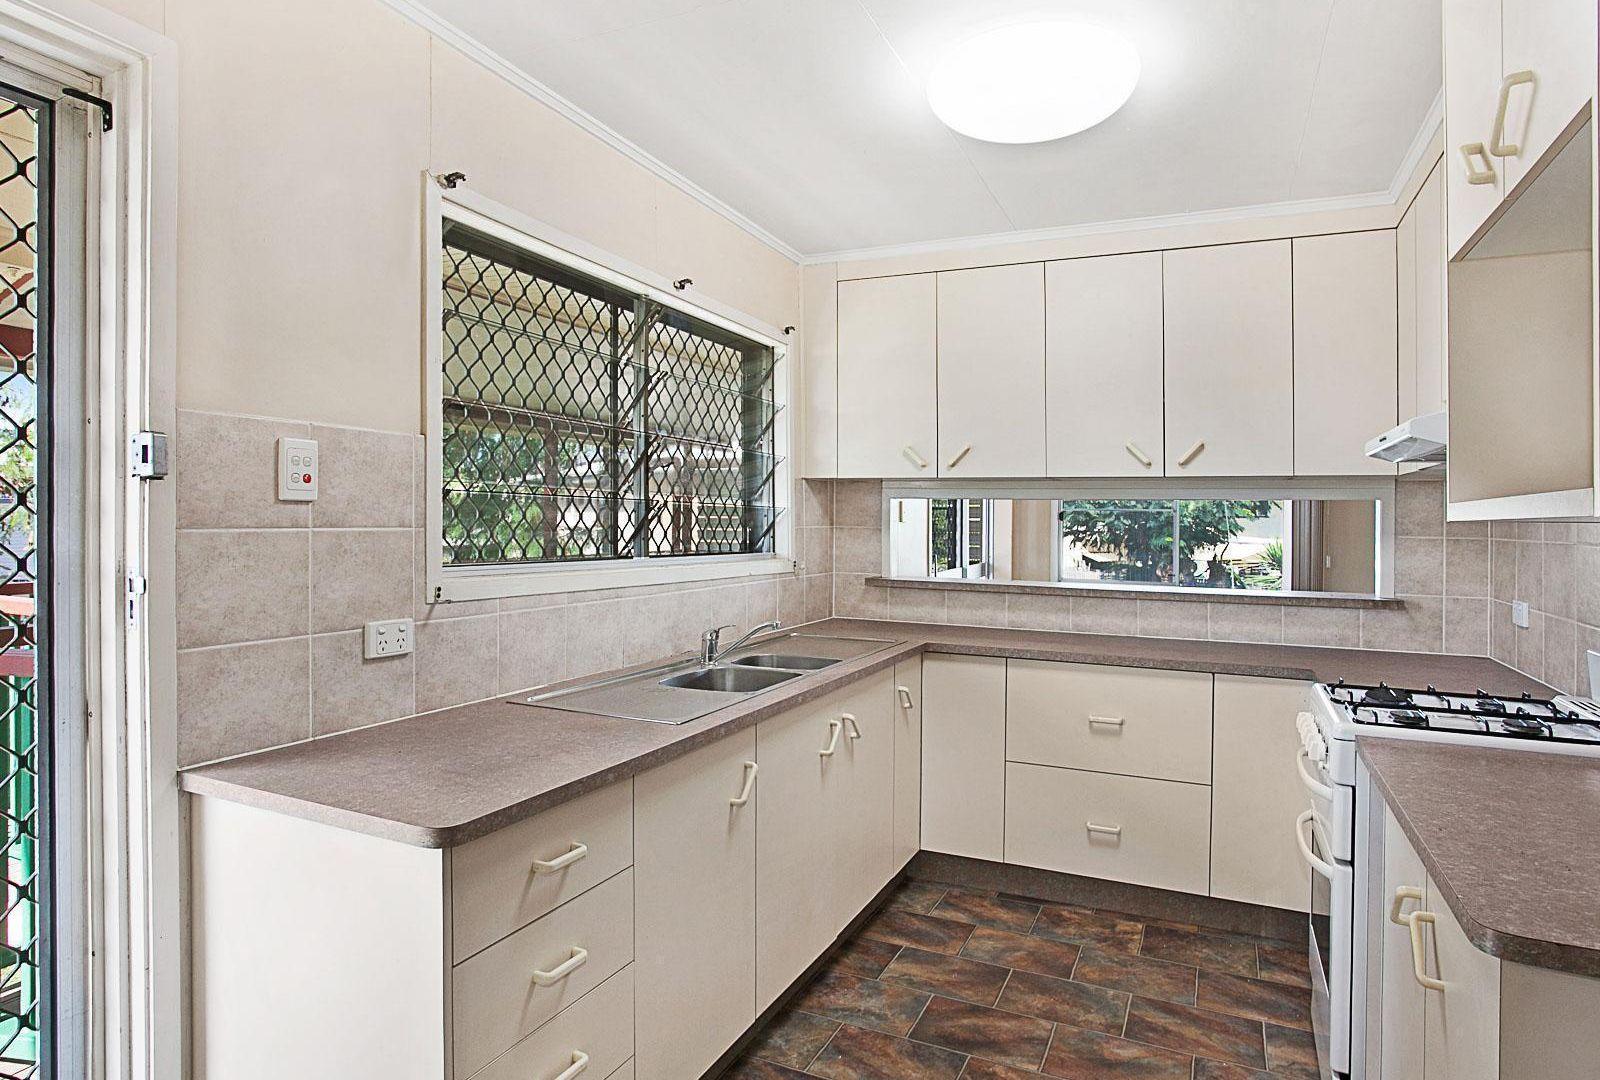 23 Dimmock Street, Heatley QLD 4814, Image 1